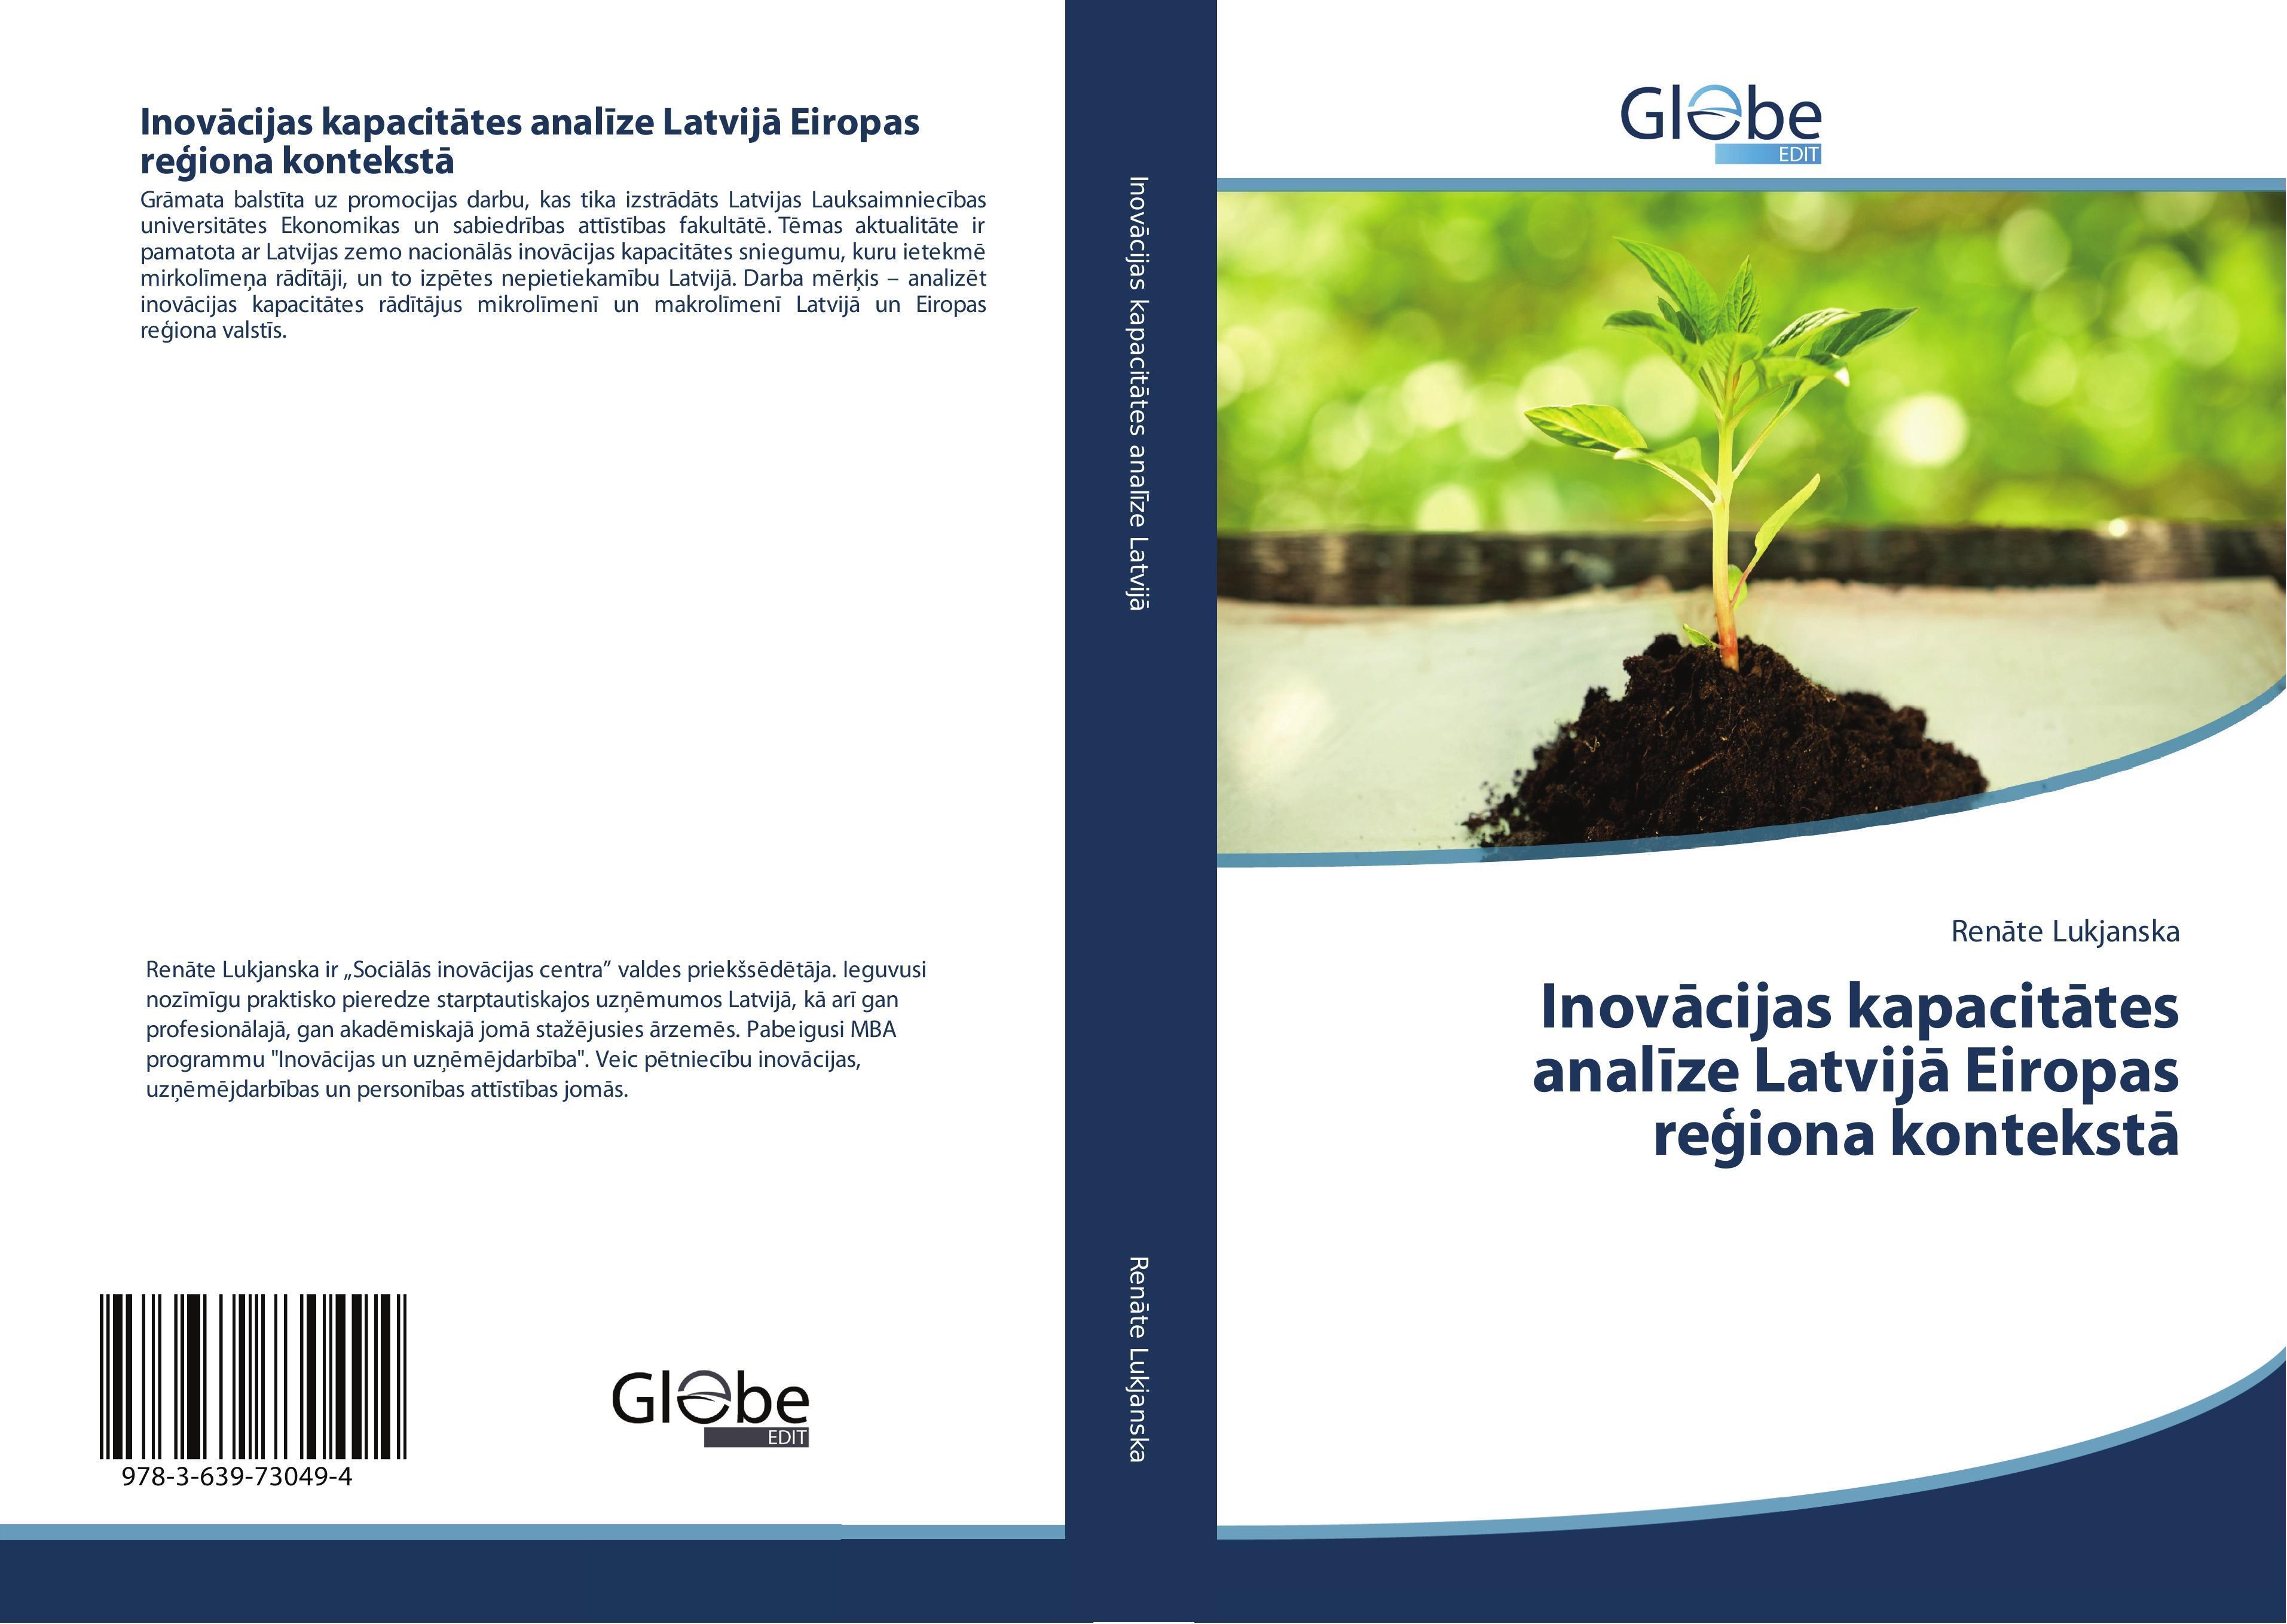 Inovacijas kapacitates analize Latvija Eiropas regiona konte ... 9783639730494